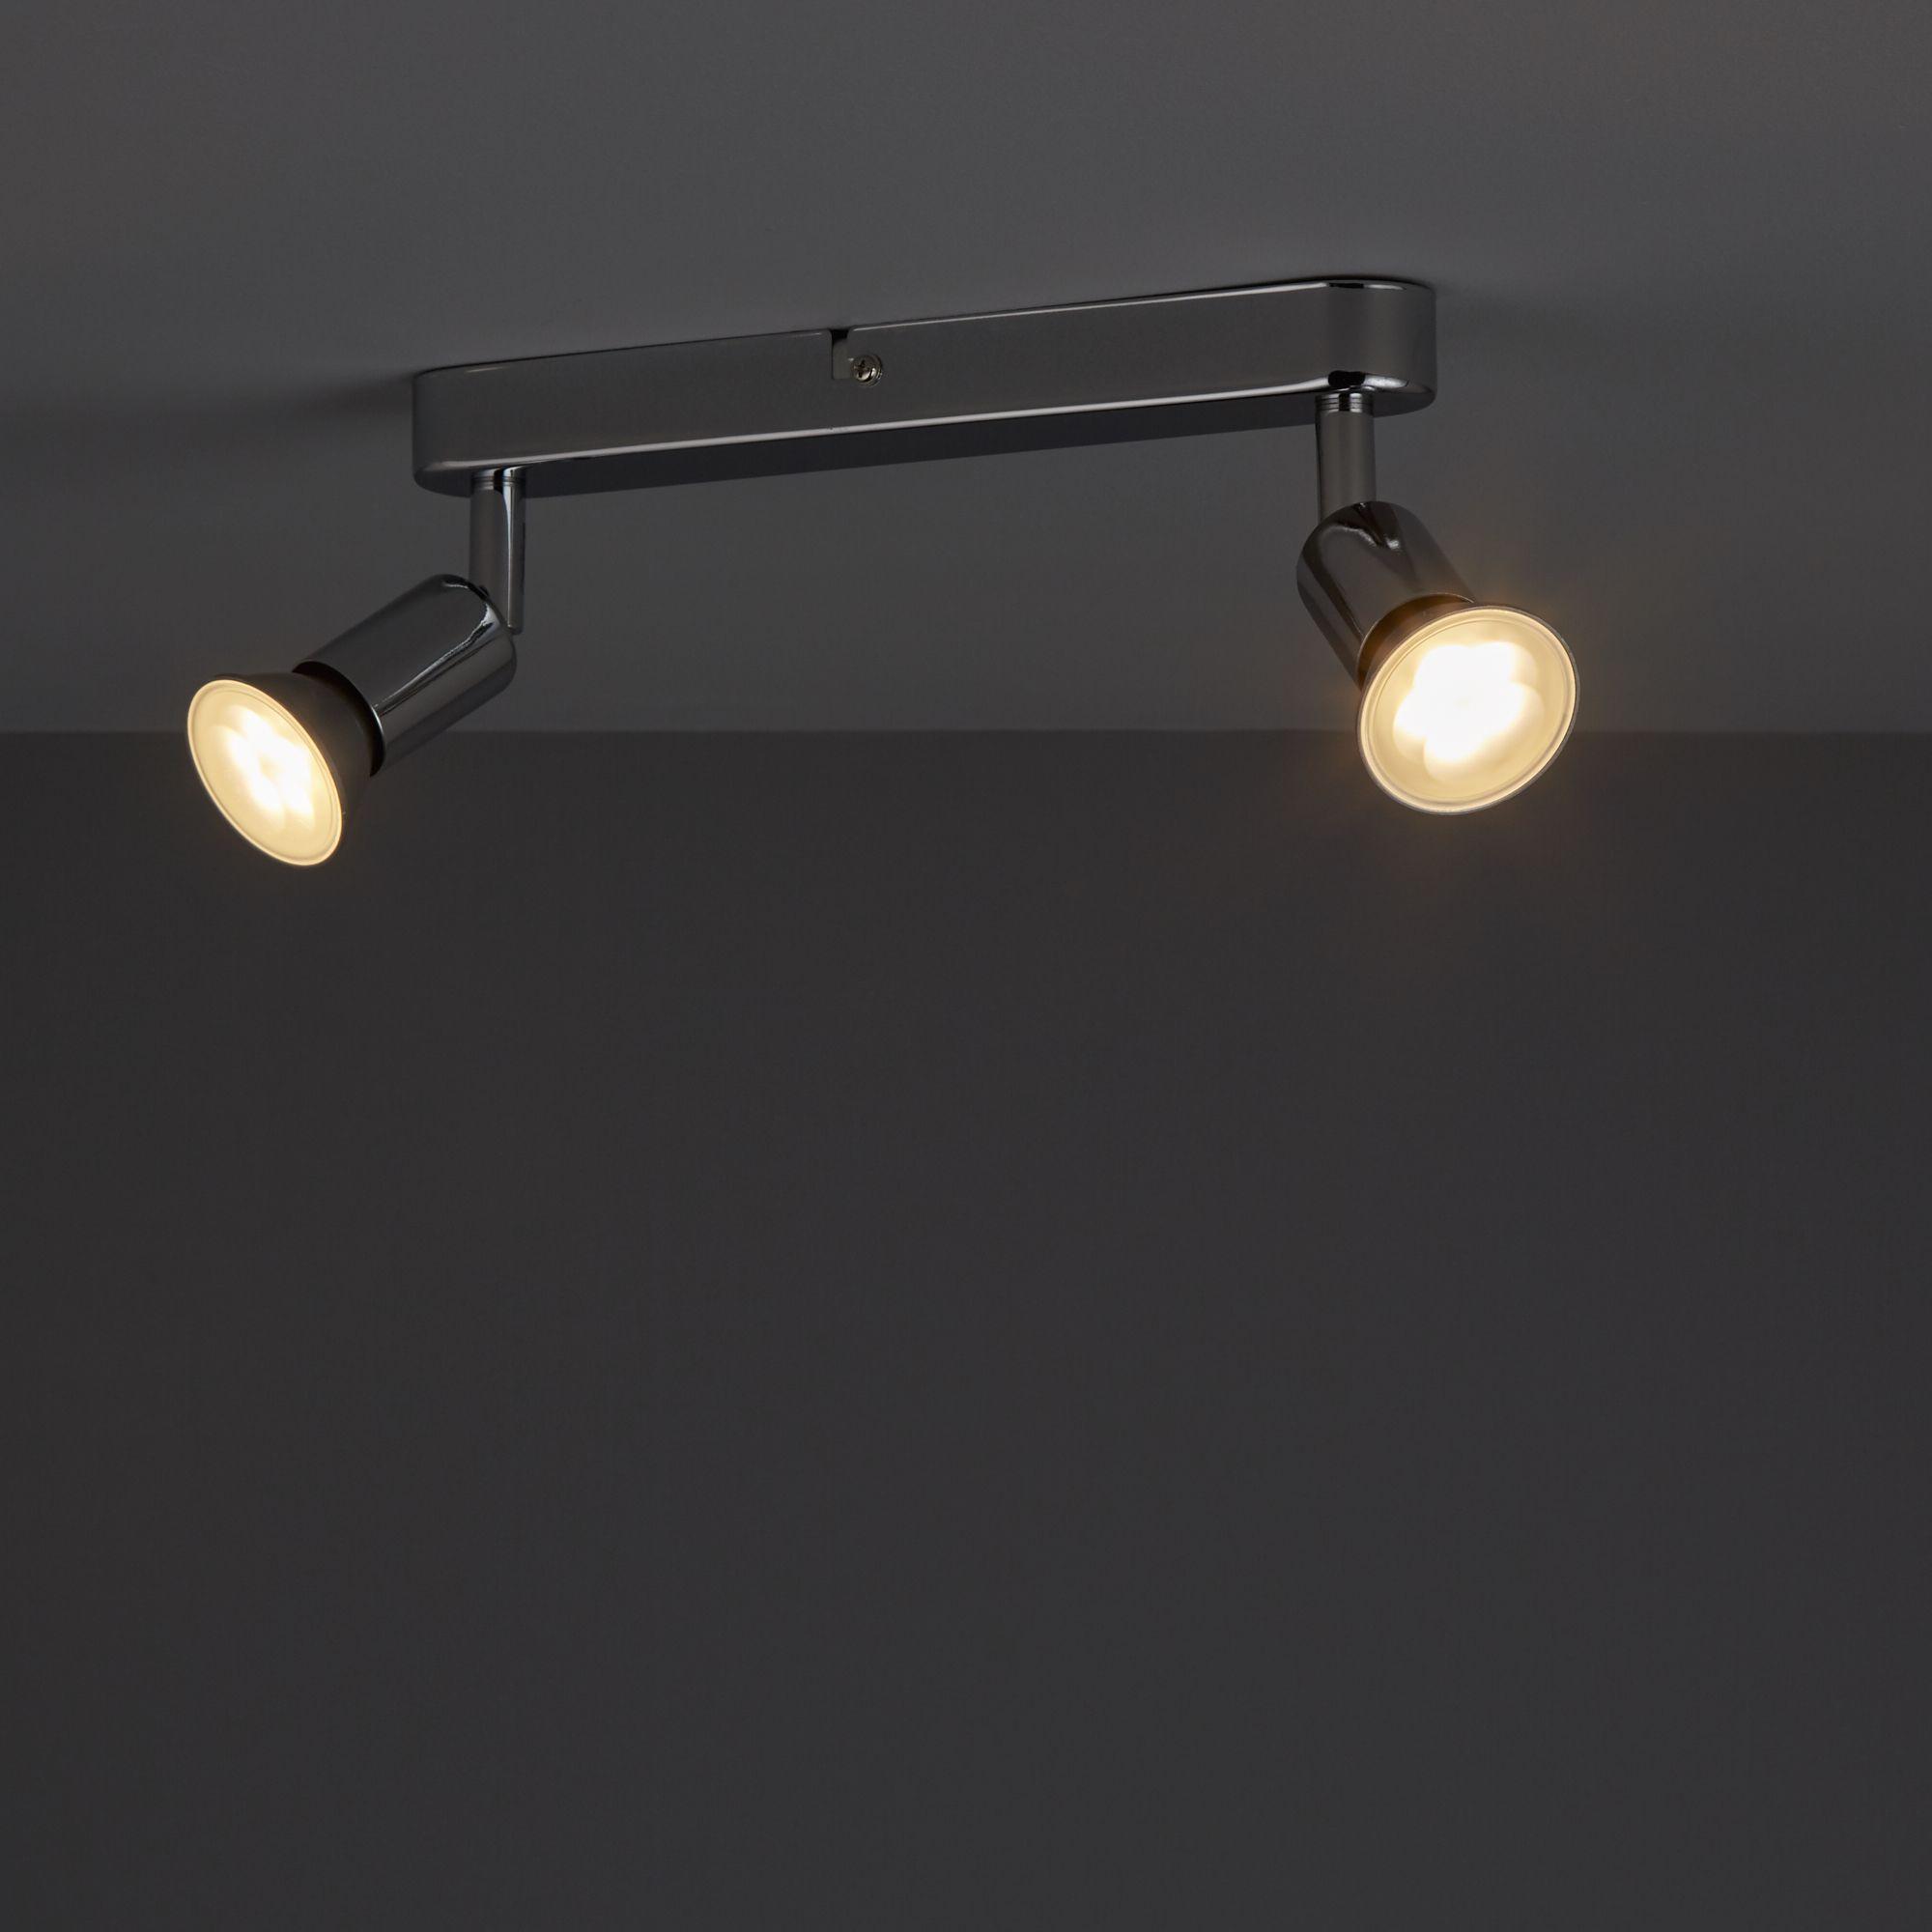 Chrome Effect 2 Lamp Spotlight